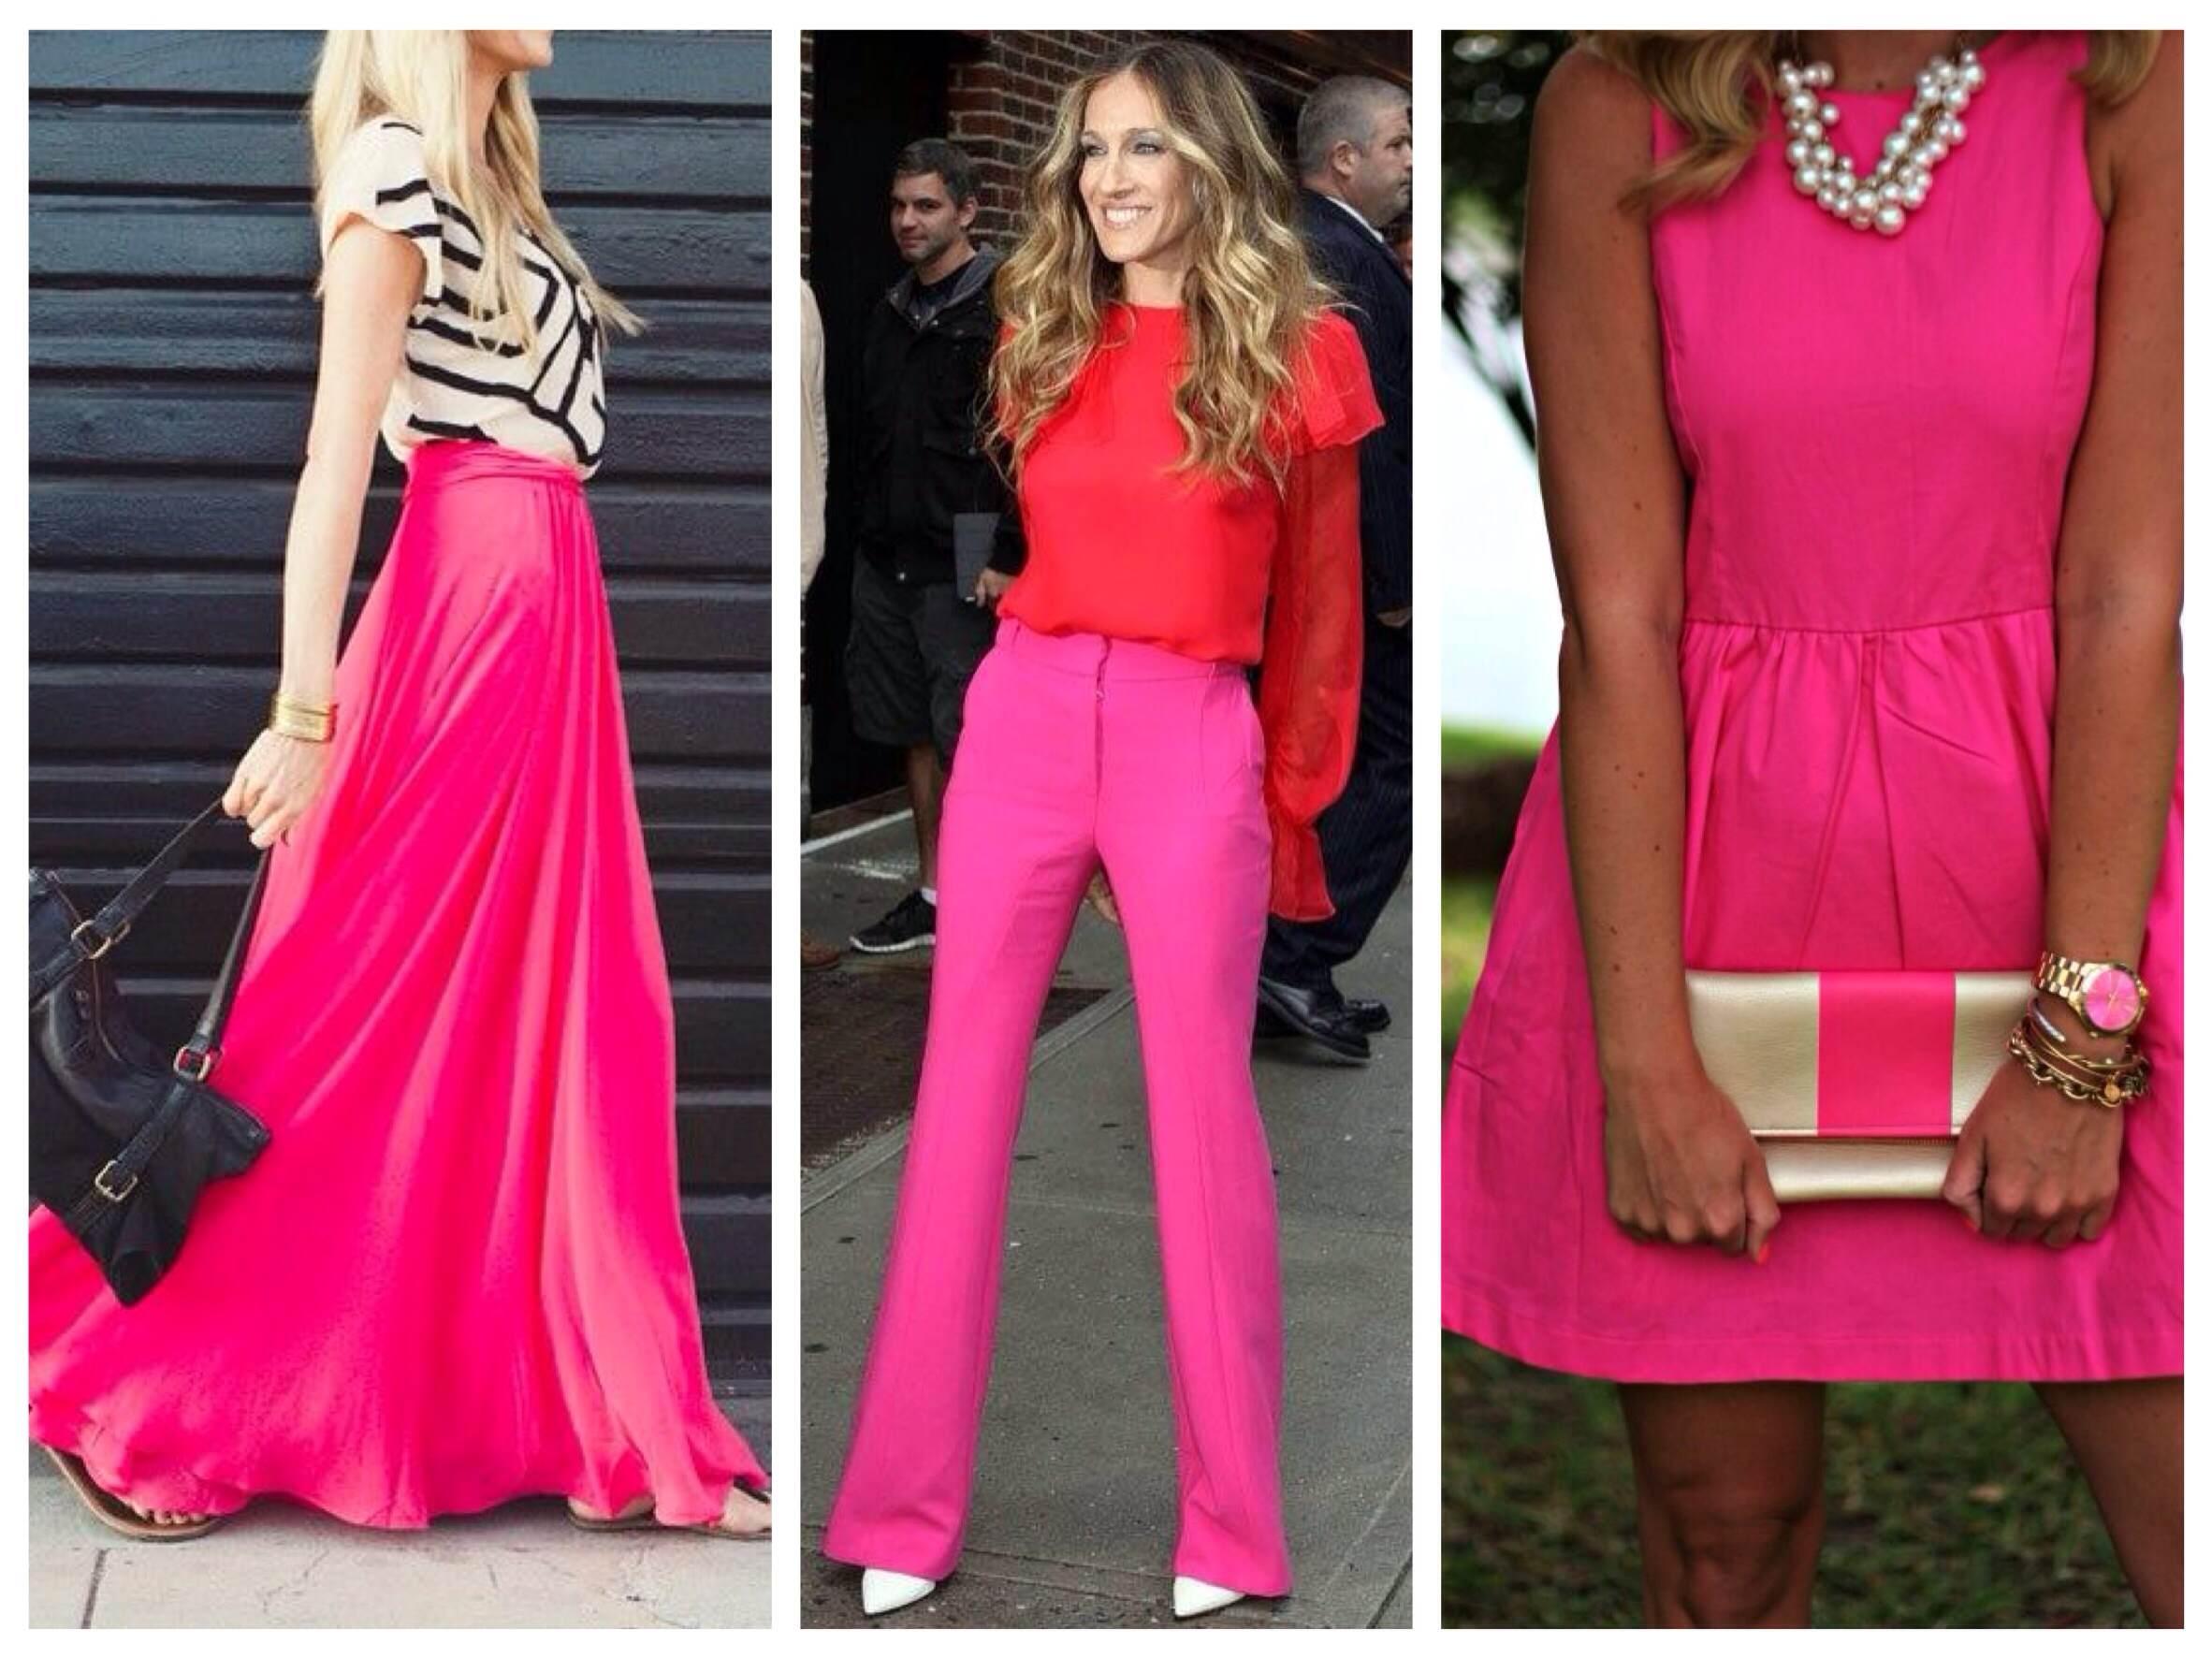 розовый красный одежде и цвета фото в